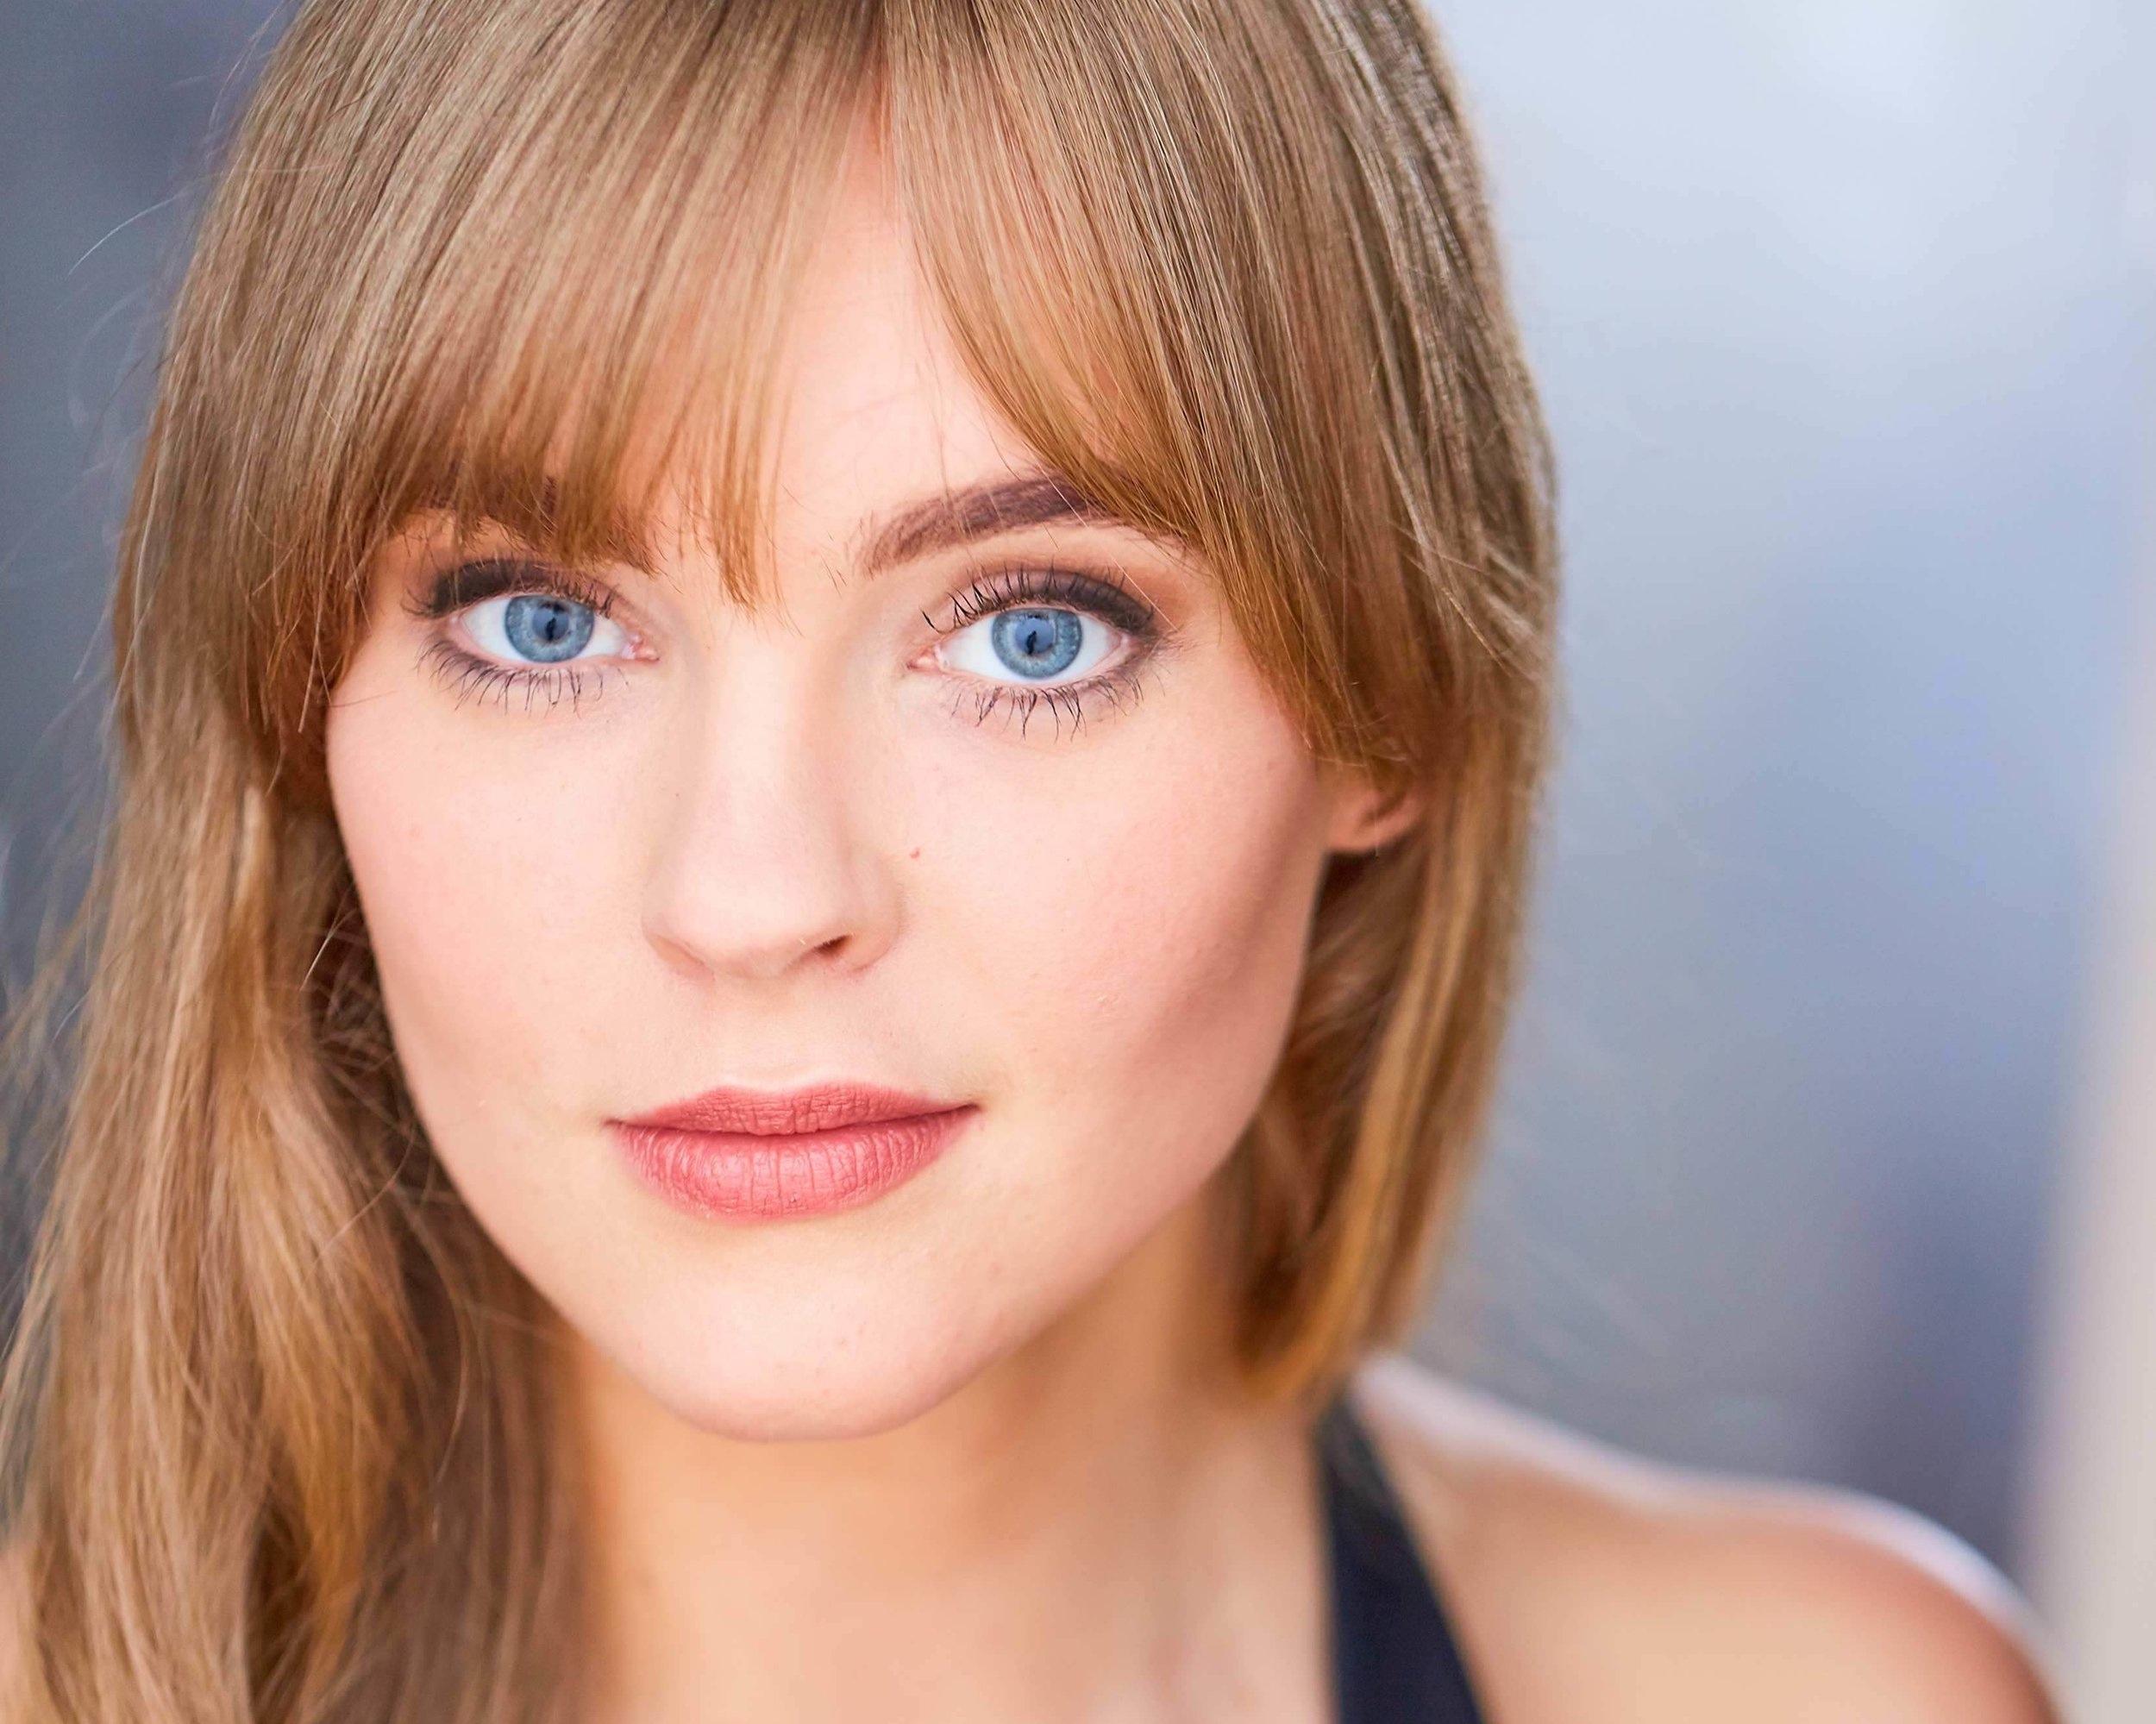 Ensemble Member - Brookelyn Hébert